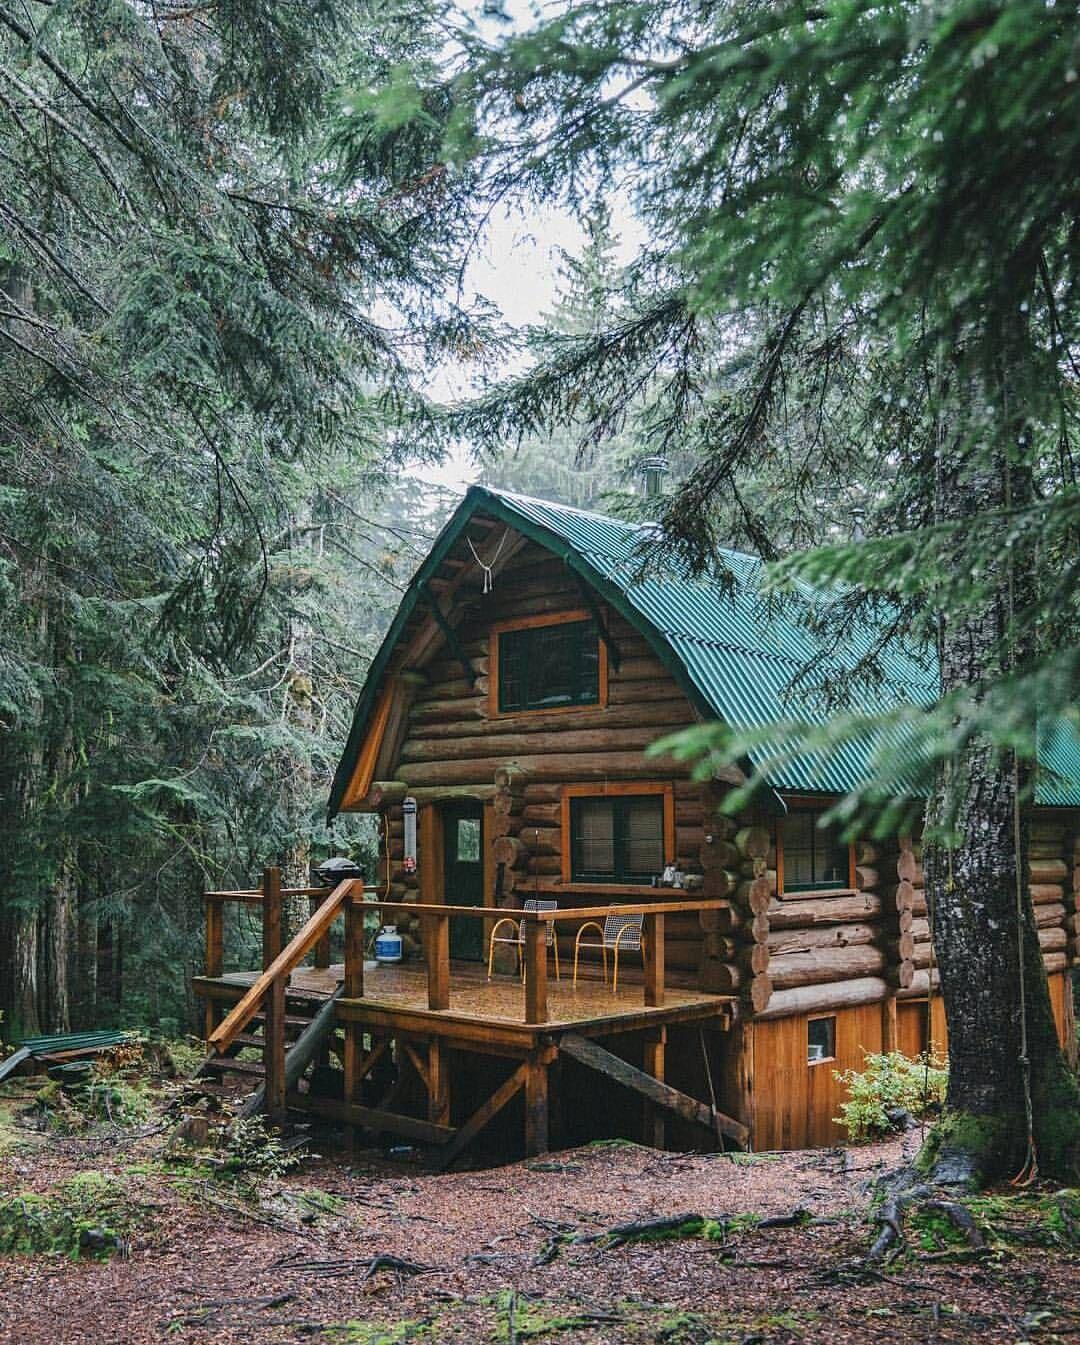 Ein kleines Blockbohlenhaus mit grünes Dach im Wald. Mehr Blockbohlenhäuser können Sie auf https://www.pineca.de/blockbohlenhauser/ finden